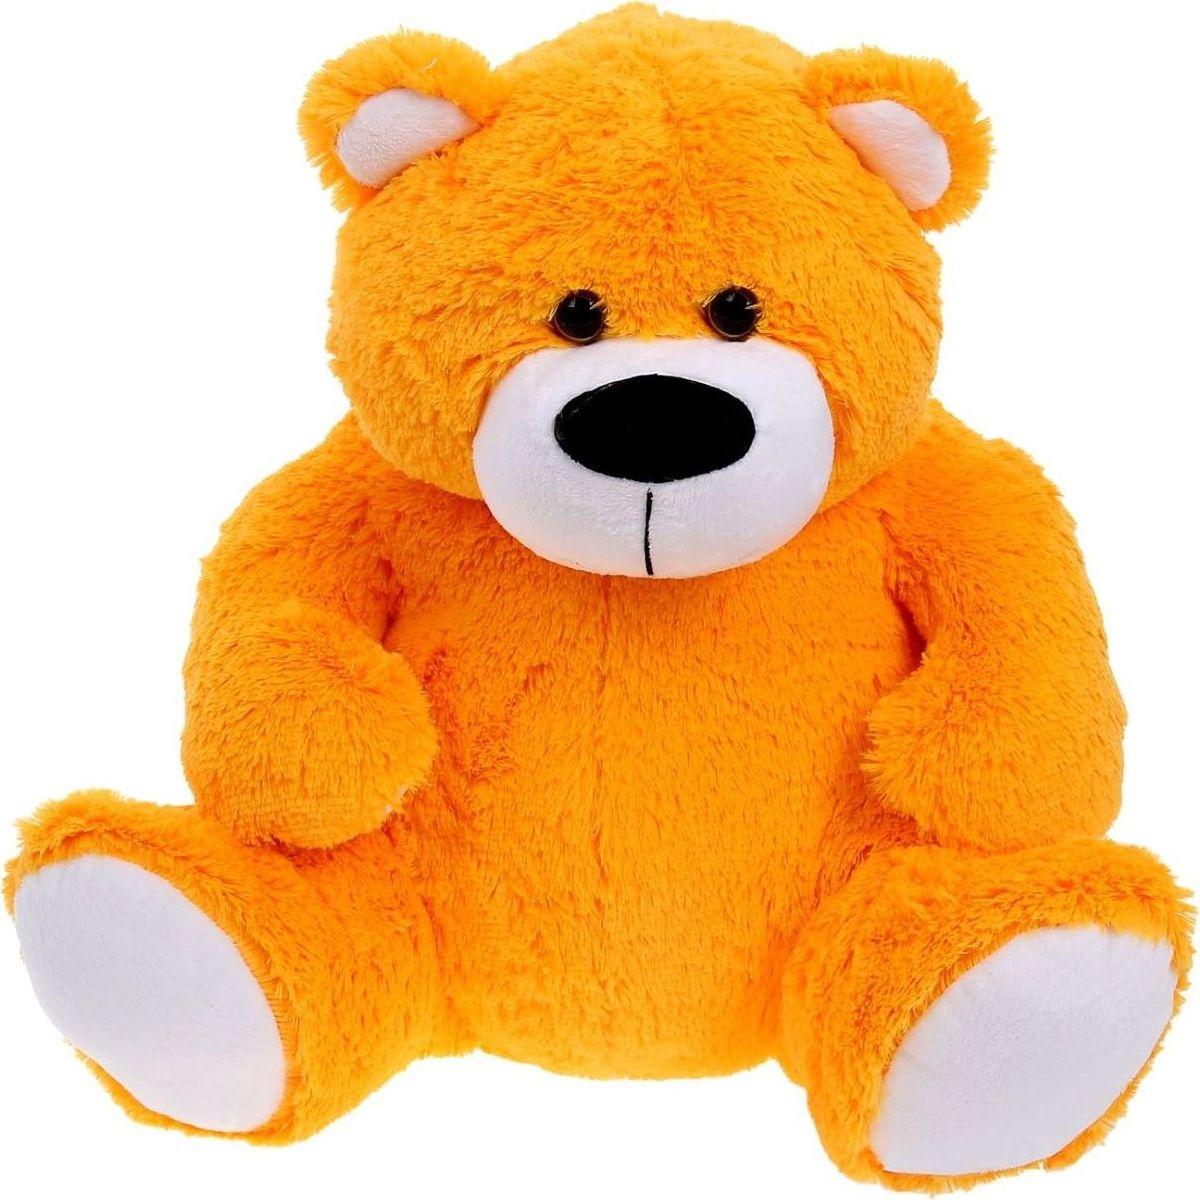 Sima-land Мягкая игрушка Мишка Фома цвет оранжевый 55 см мягкая игрушка подвеска sima land овечка цвет желтый 8 см 332801